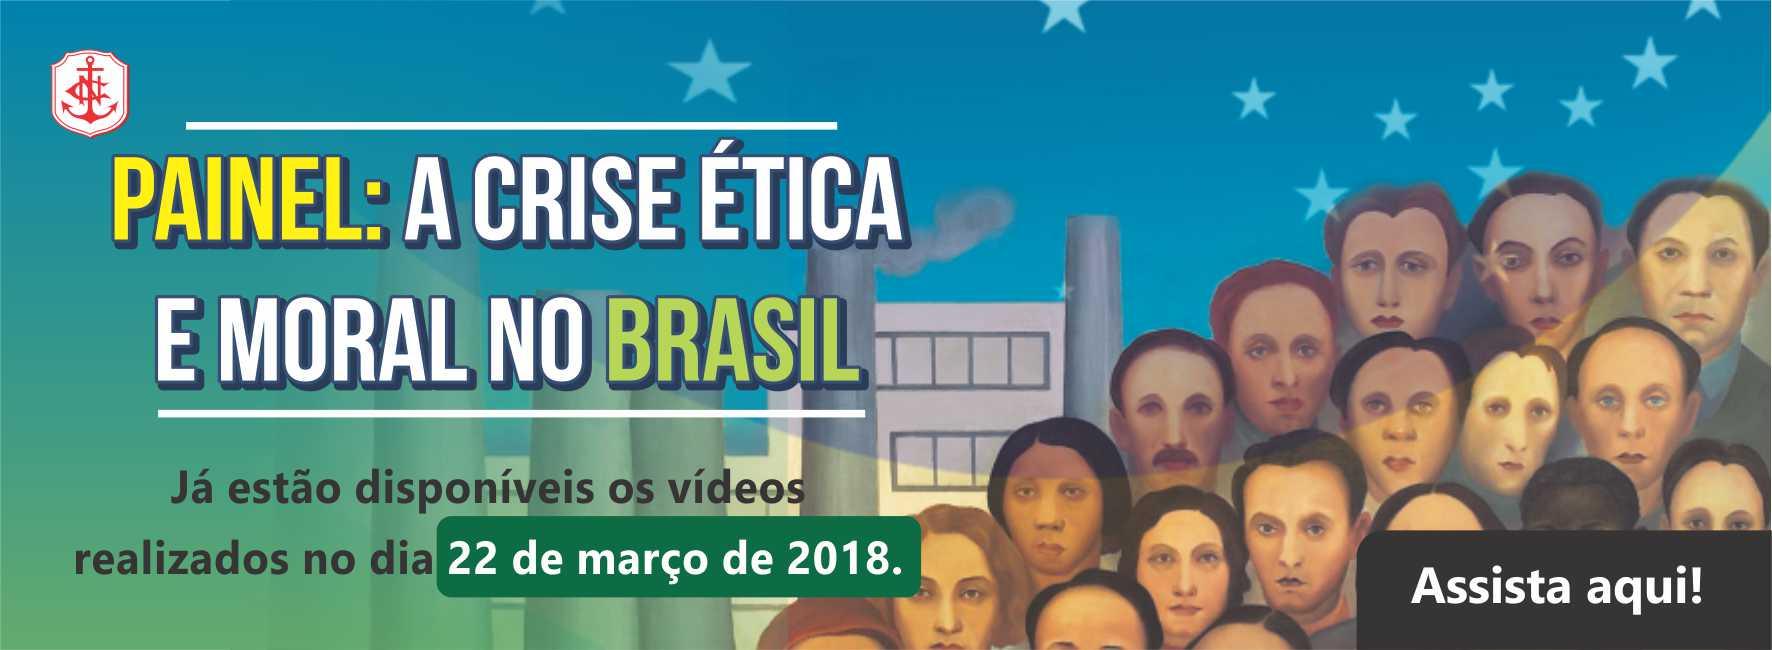 https://www.clubenaval.org.br/novo/v%C3%ADdeos-do-painel-%E2%80%9C-crise-moral-e-%C3%A9tica-no-brasil%E2%80%9D